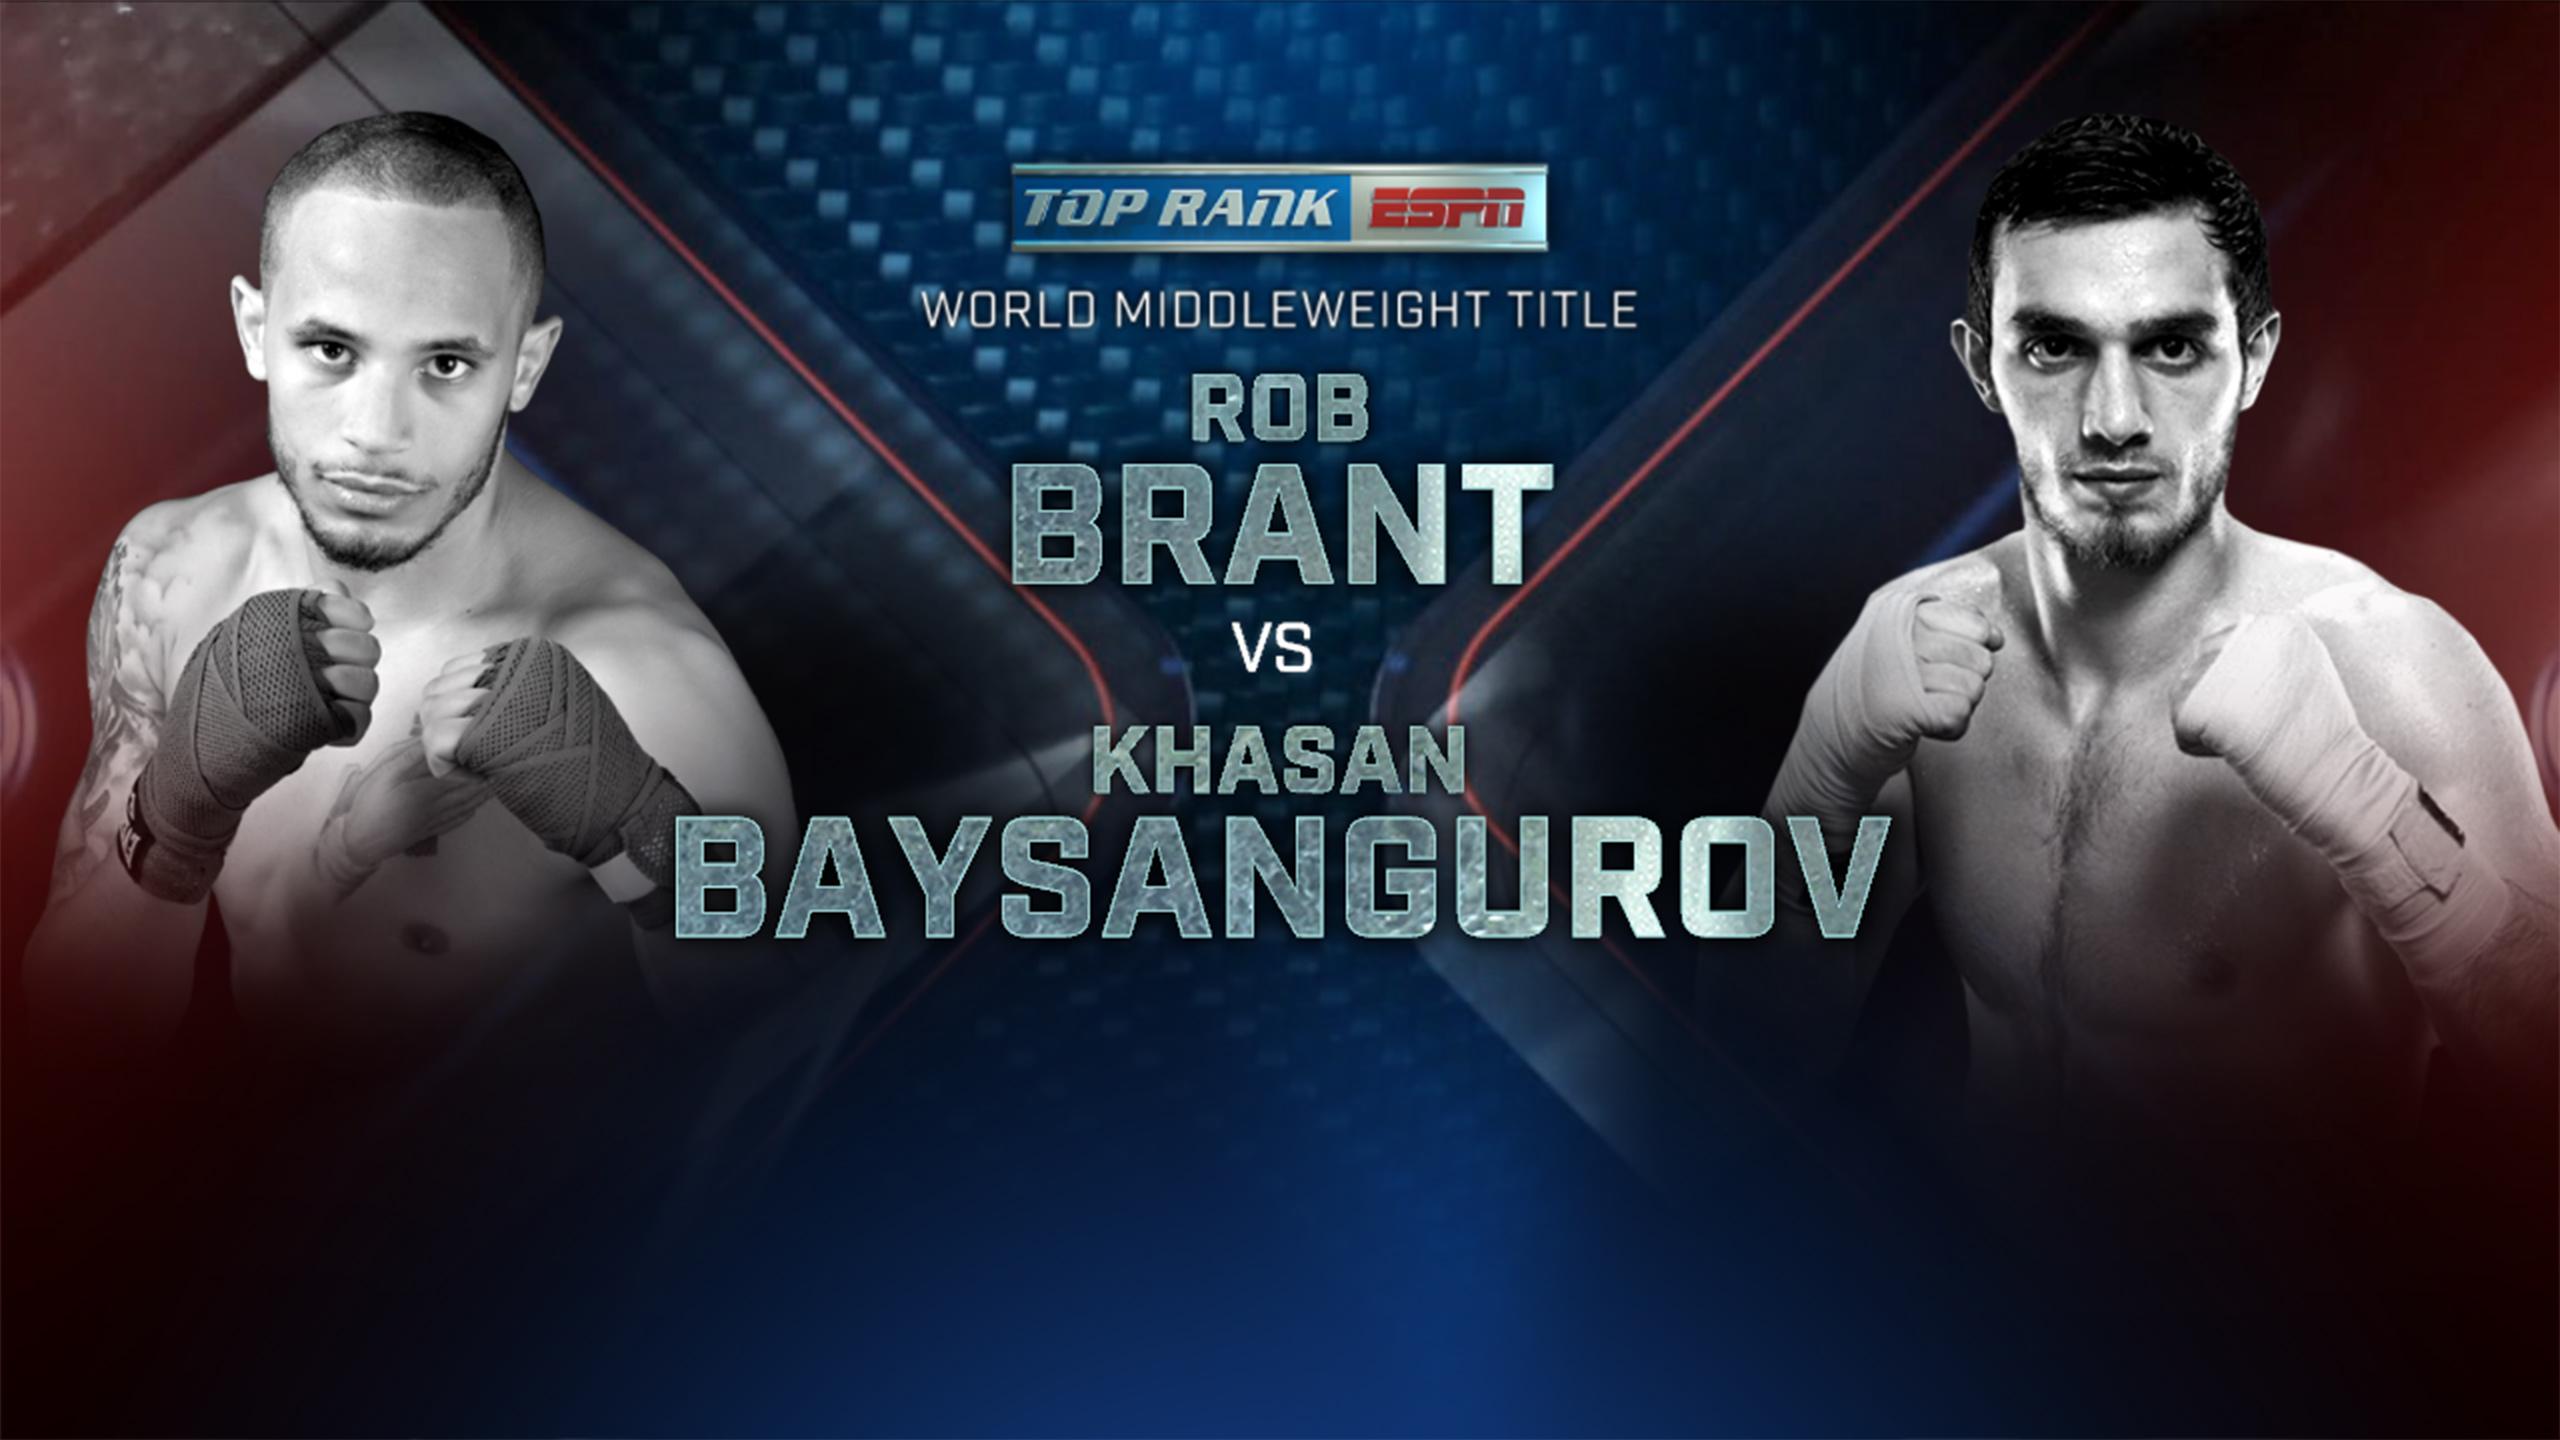 Rob Brant vs. Khasan Baysangurov